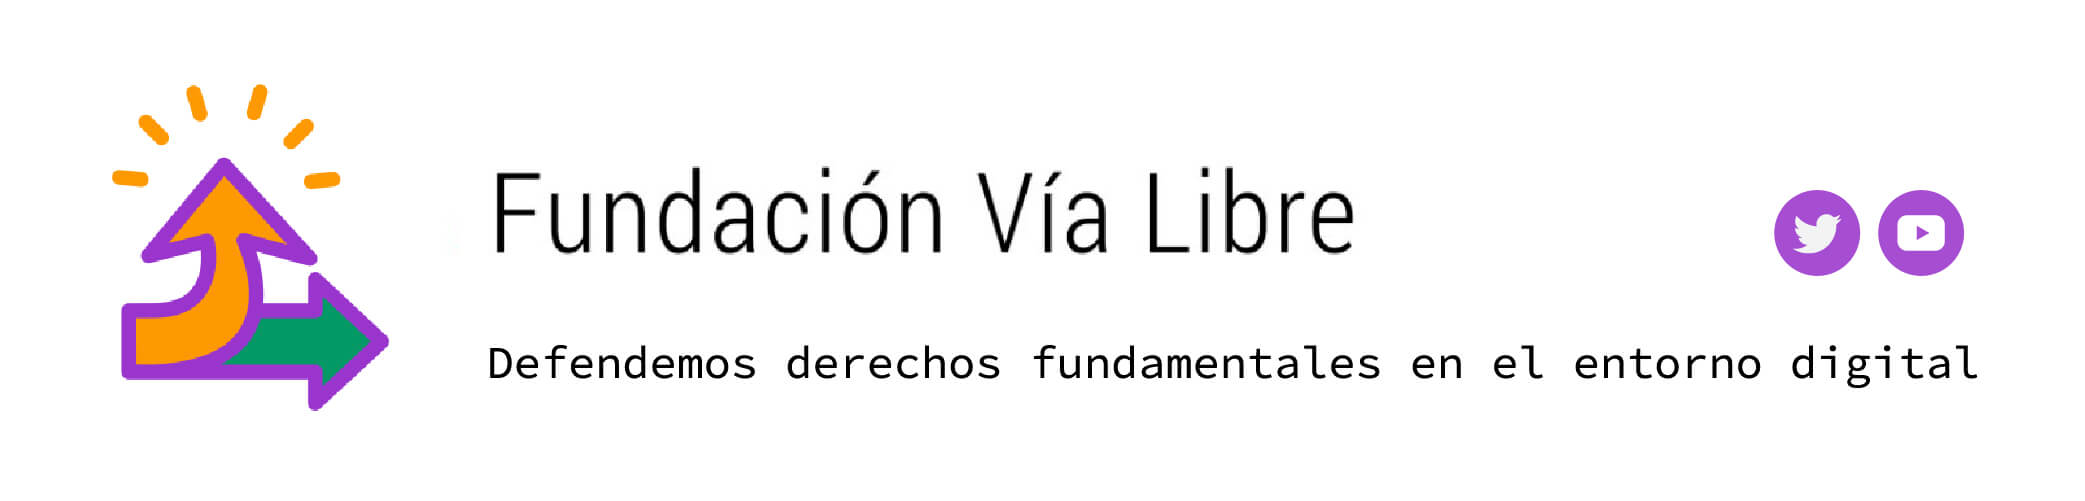 Fundación Via Libre - Defendemos derechos fundamentales en el entorno digital